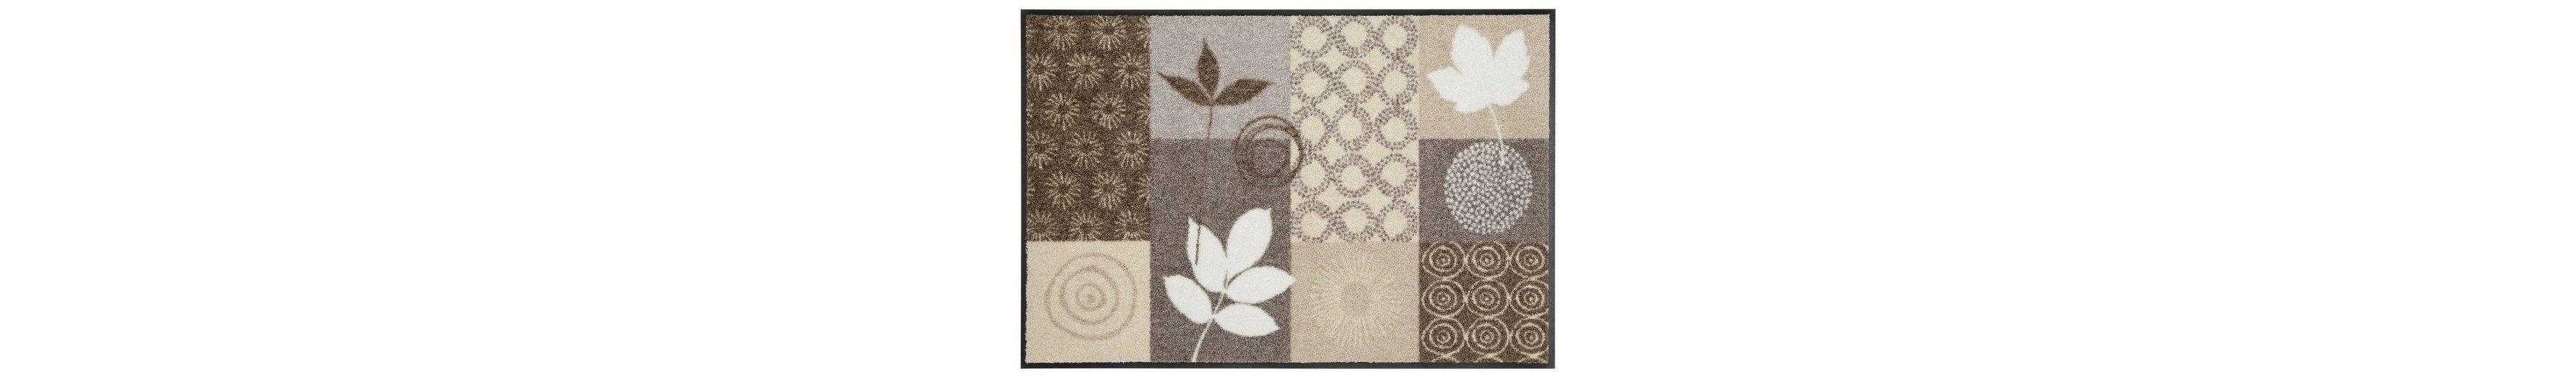 Fußmatte, Salonloewe, »Autum Leaves«, waschbar, In- und Outdoor mit rutschhemmender Beschichtung